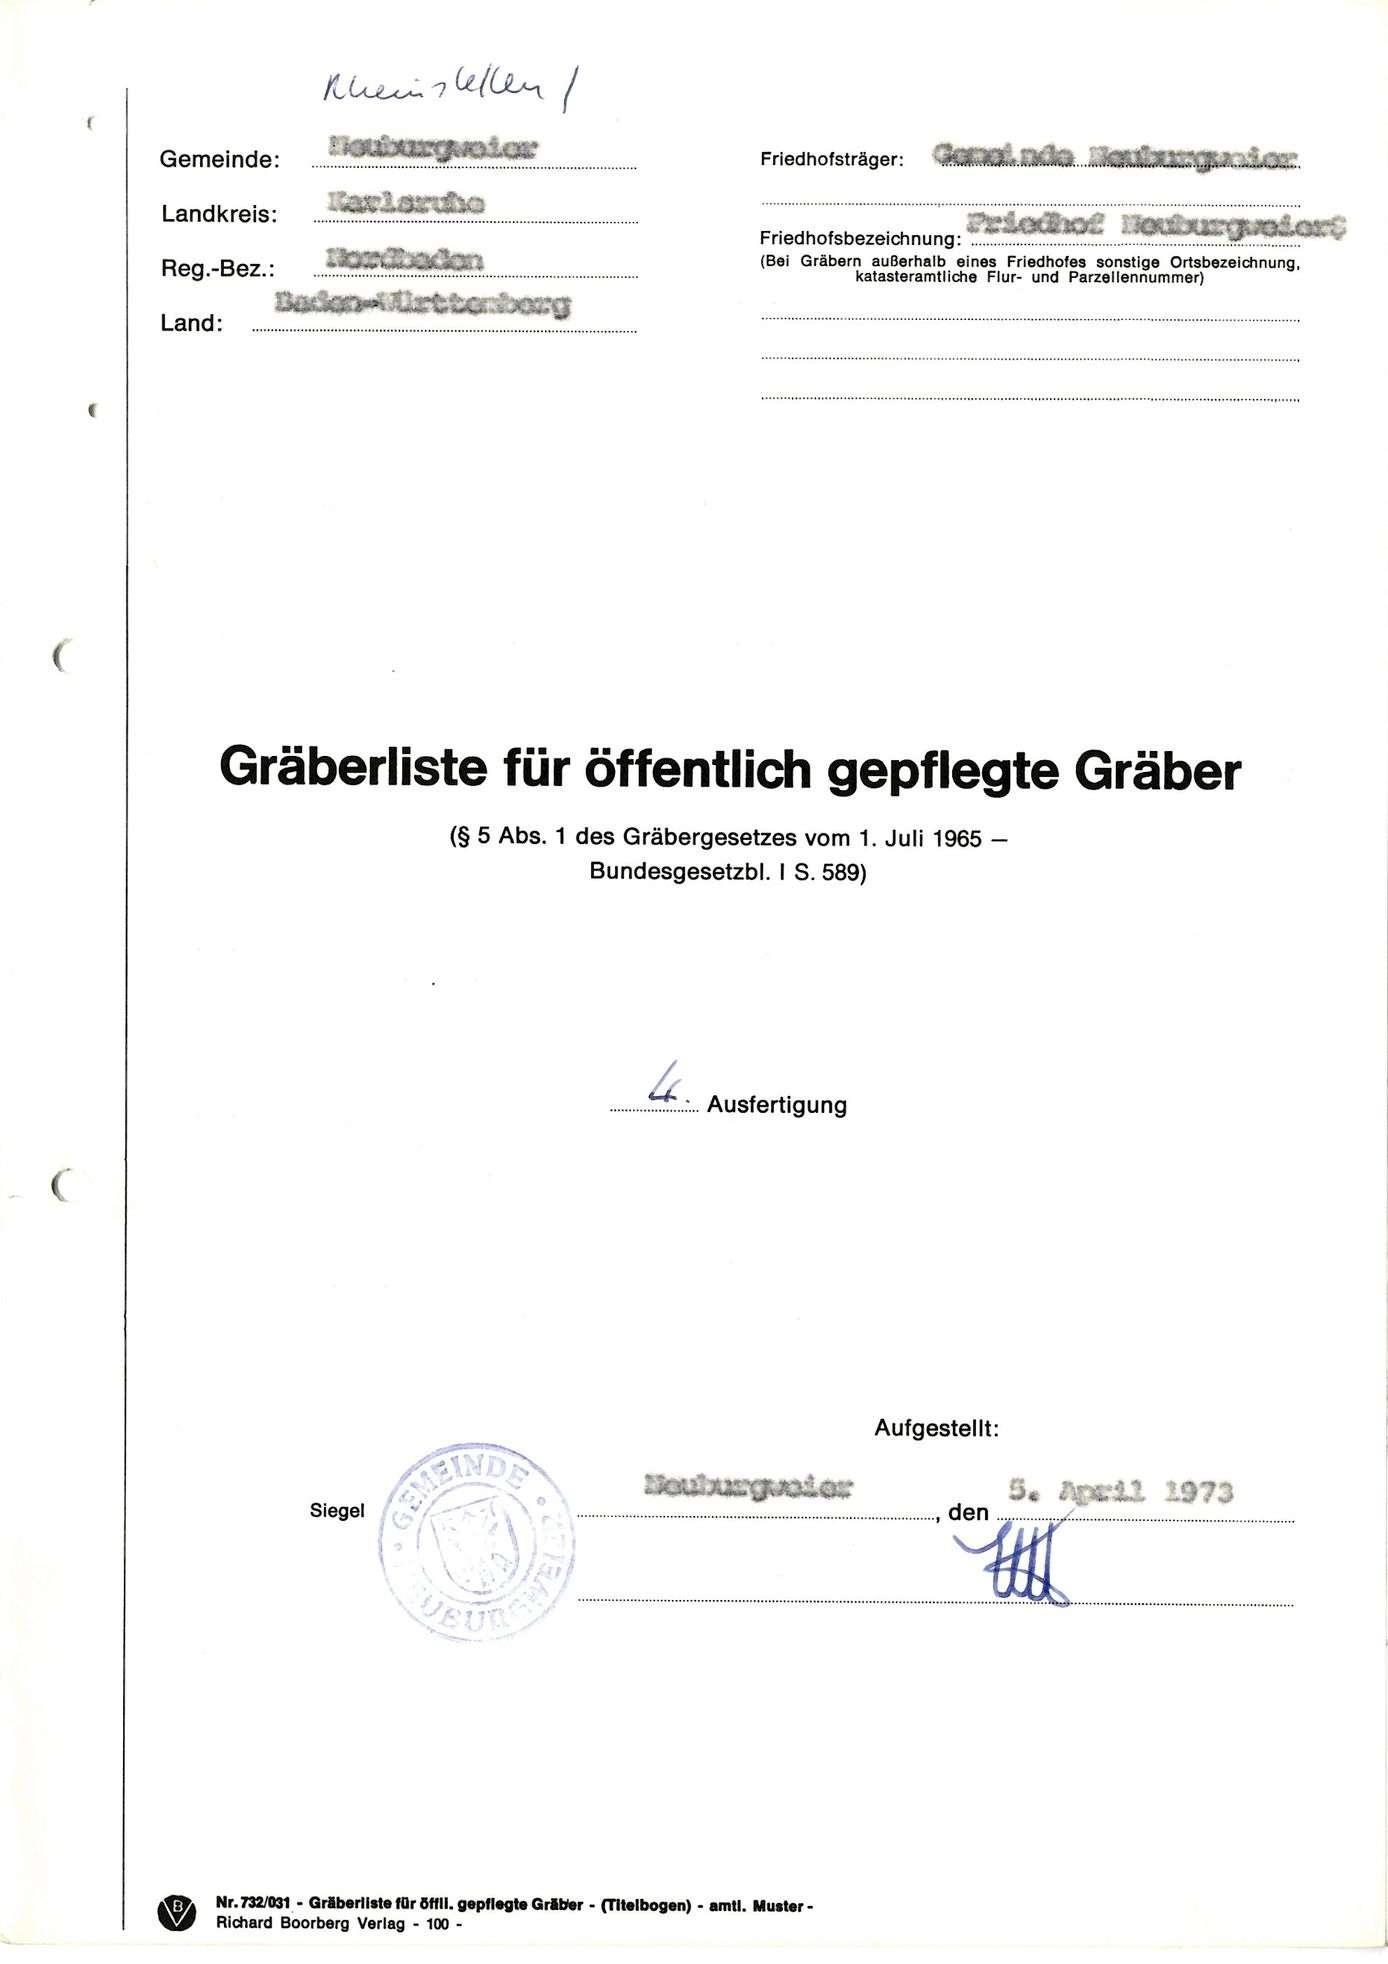 Neuburgweier, Bild 1